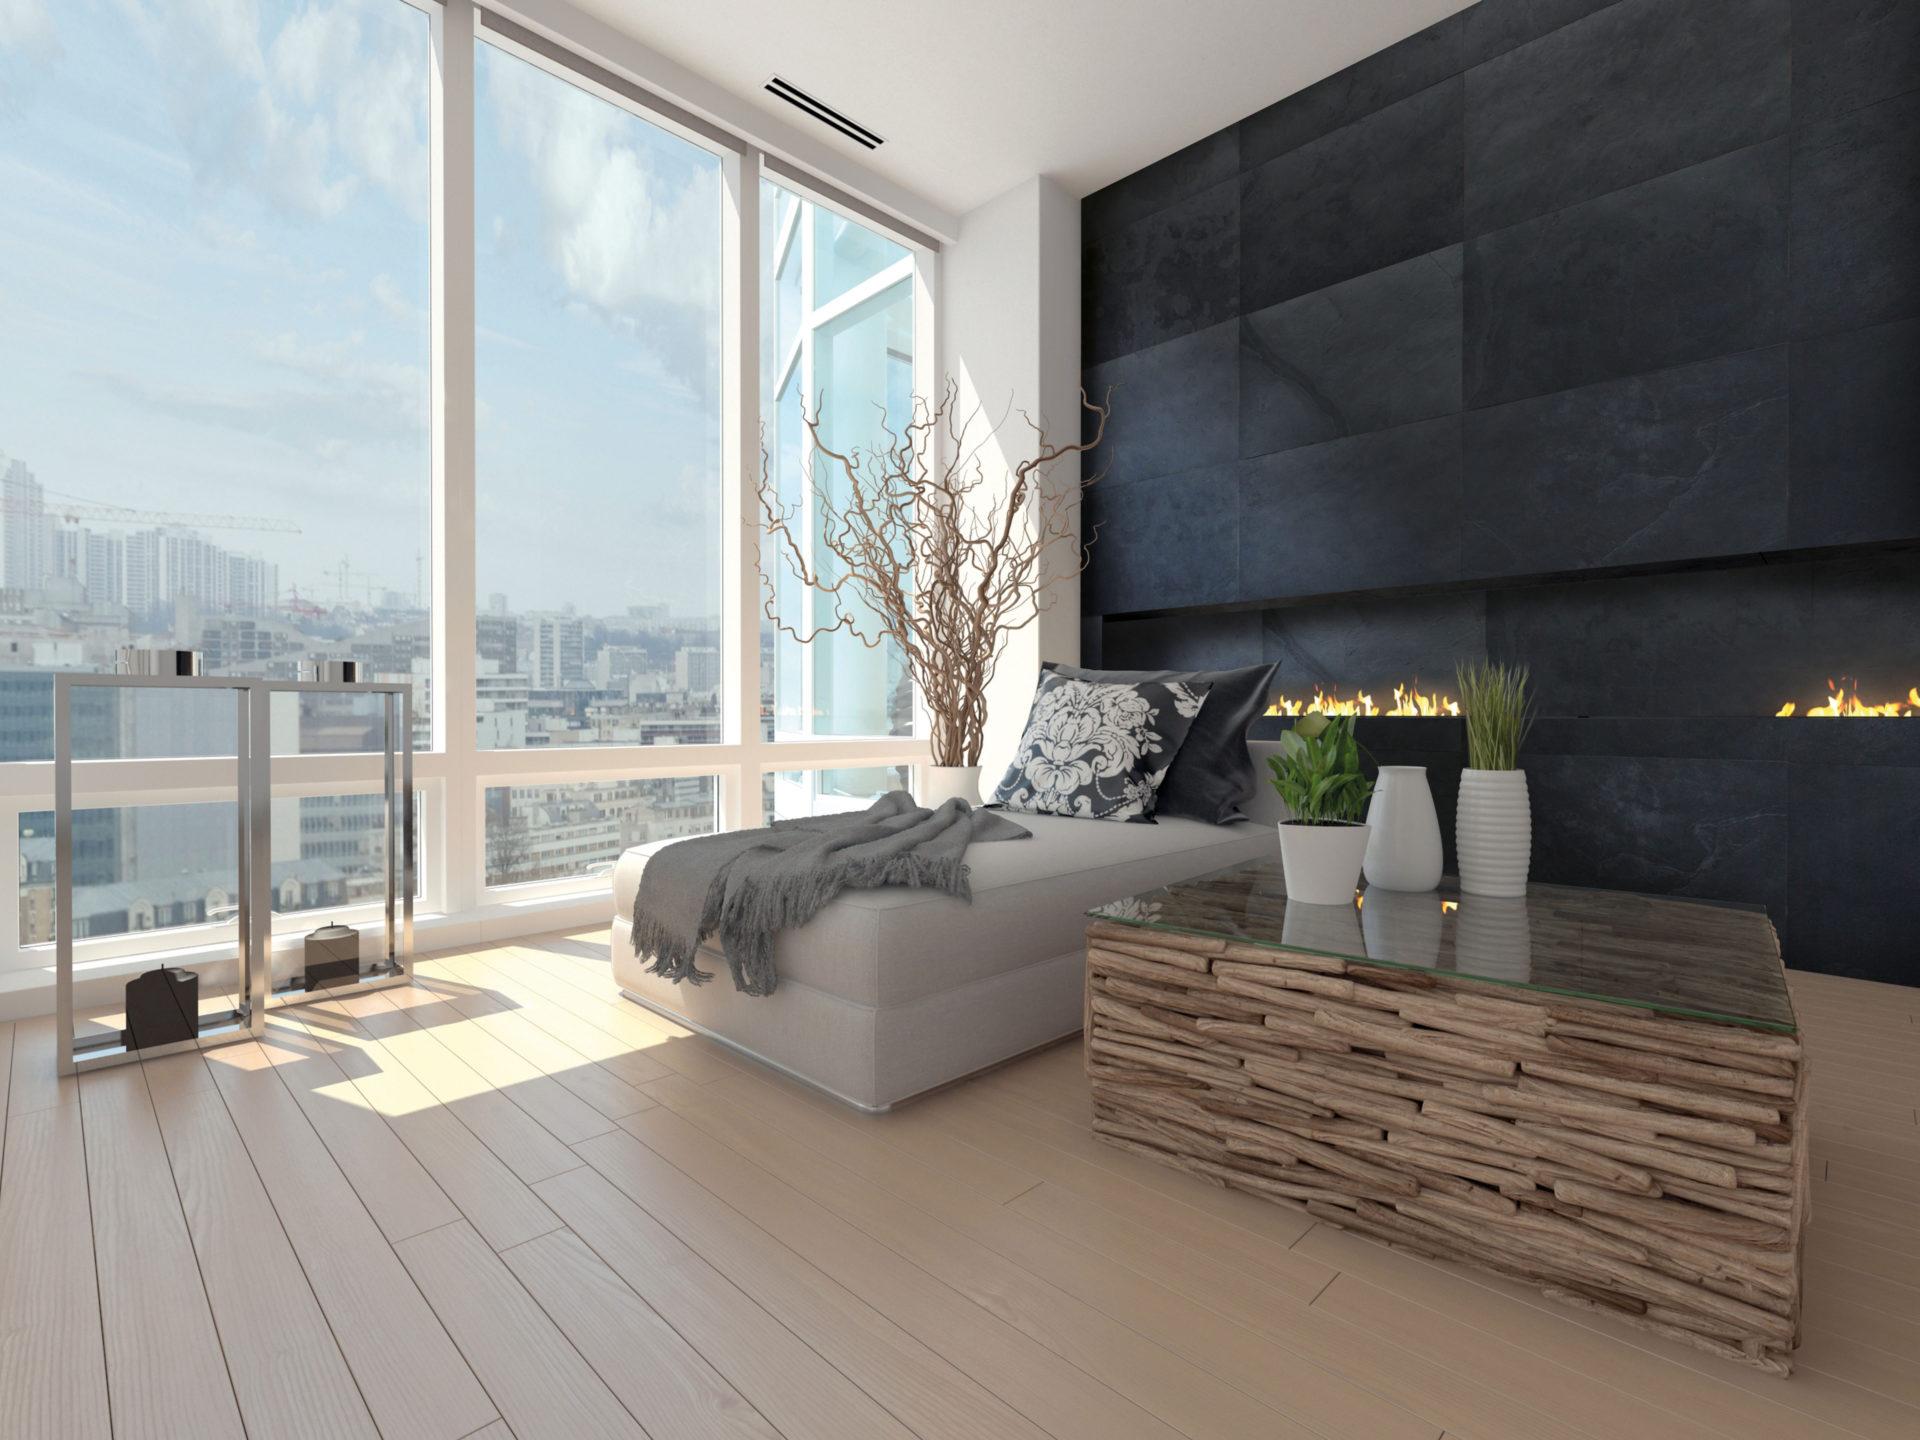 Stone Veneer Living Space